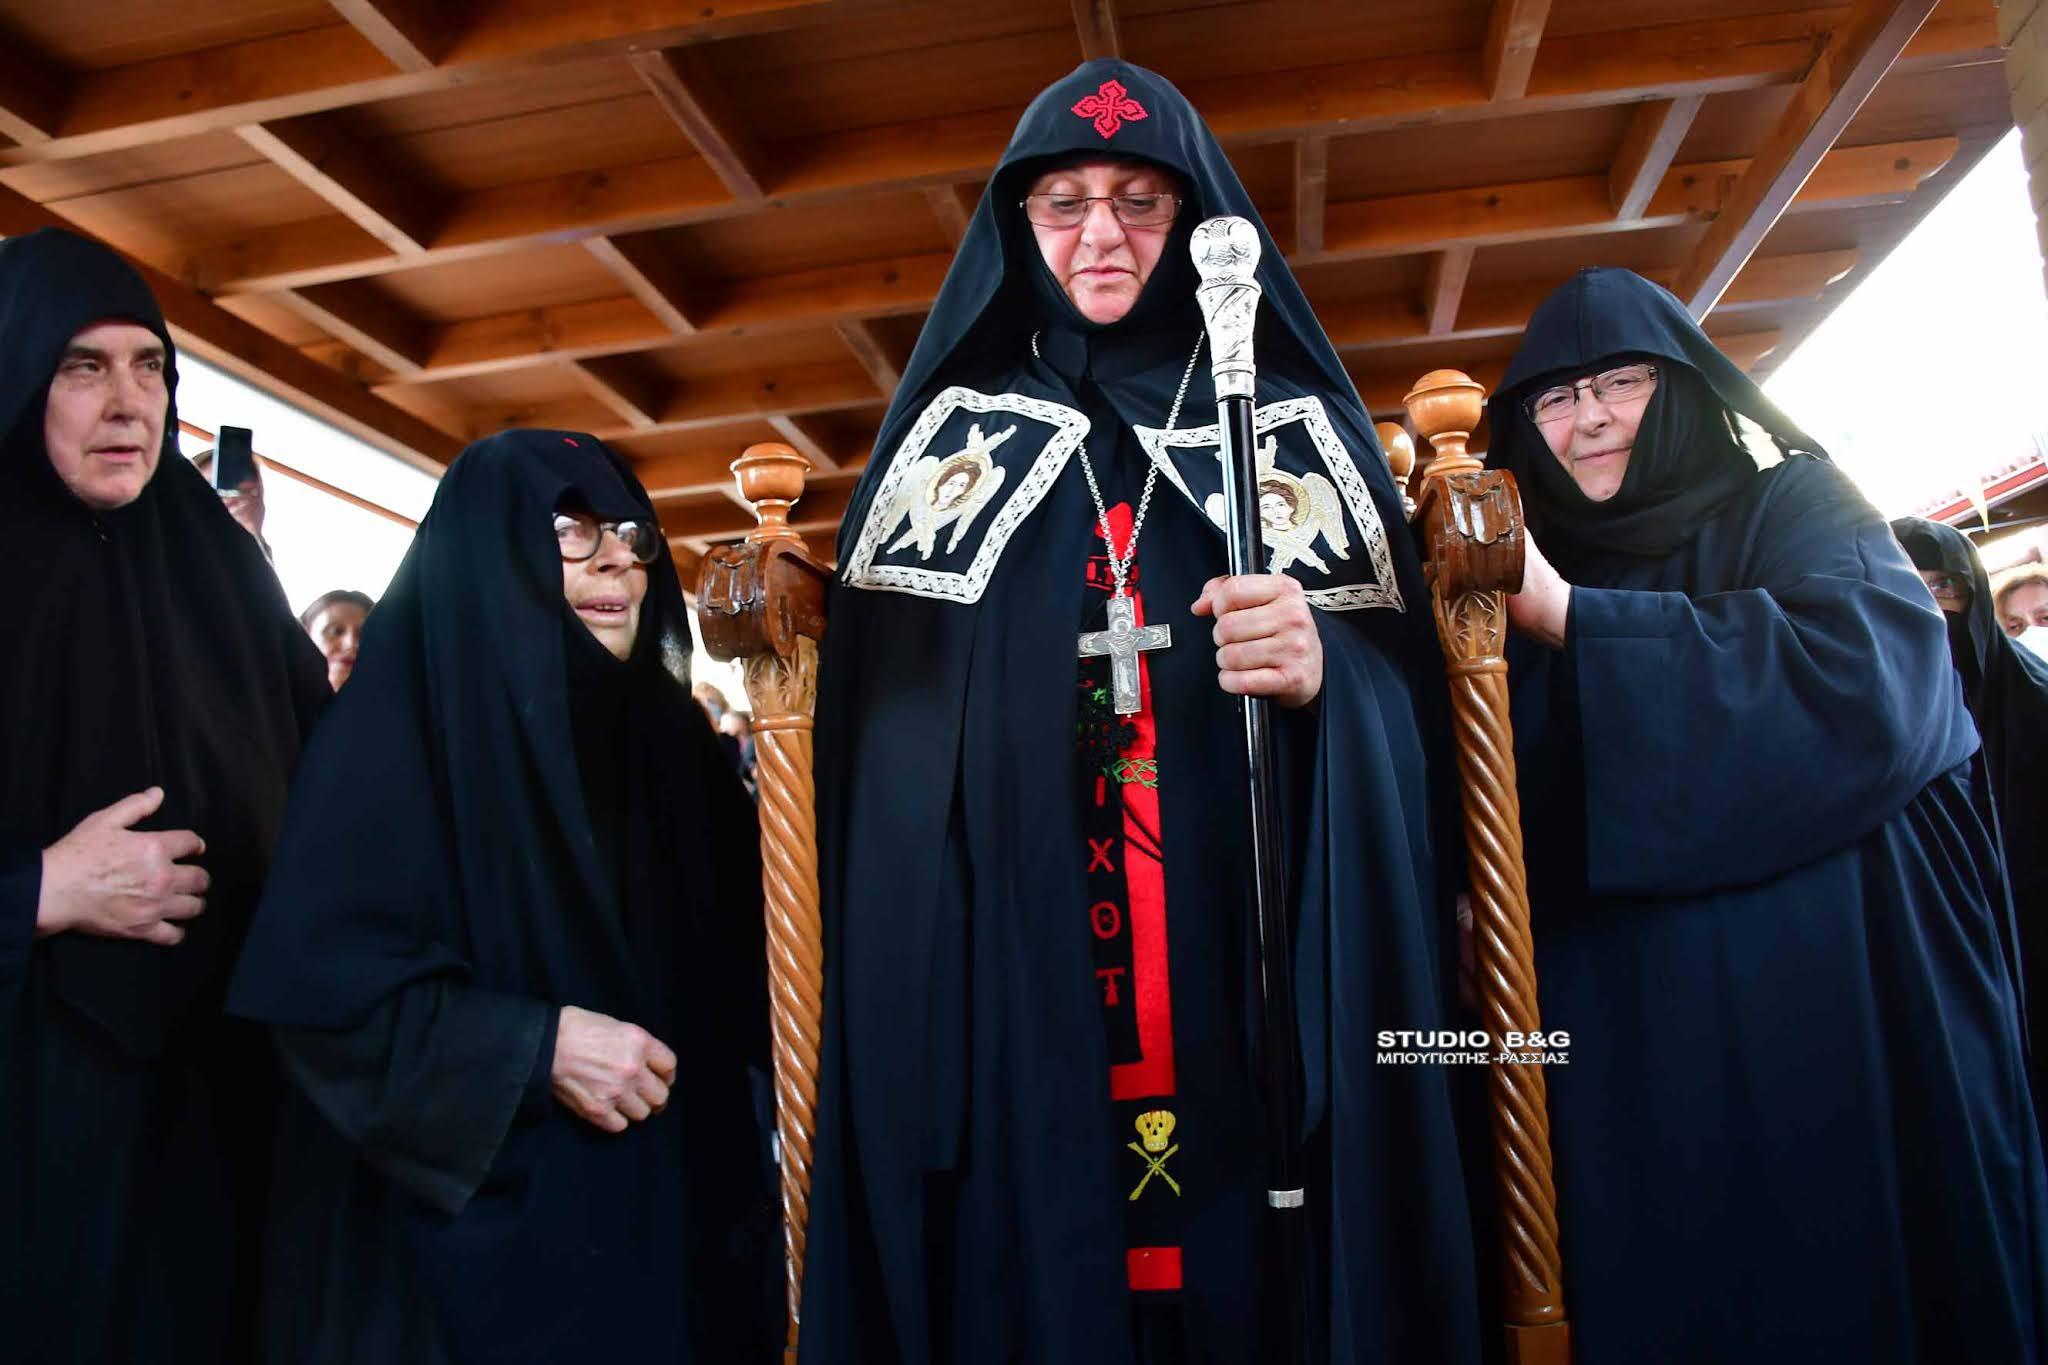 Ενθρόνιση της Νέας Ηγουμένης στην Ι.Μ. Αγίας Μαρίνας Άργους από τον Μητροπολίτη Αργολίδος κ. Νεκτάριο